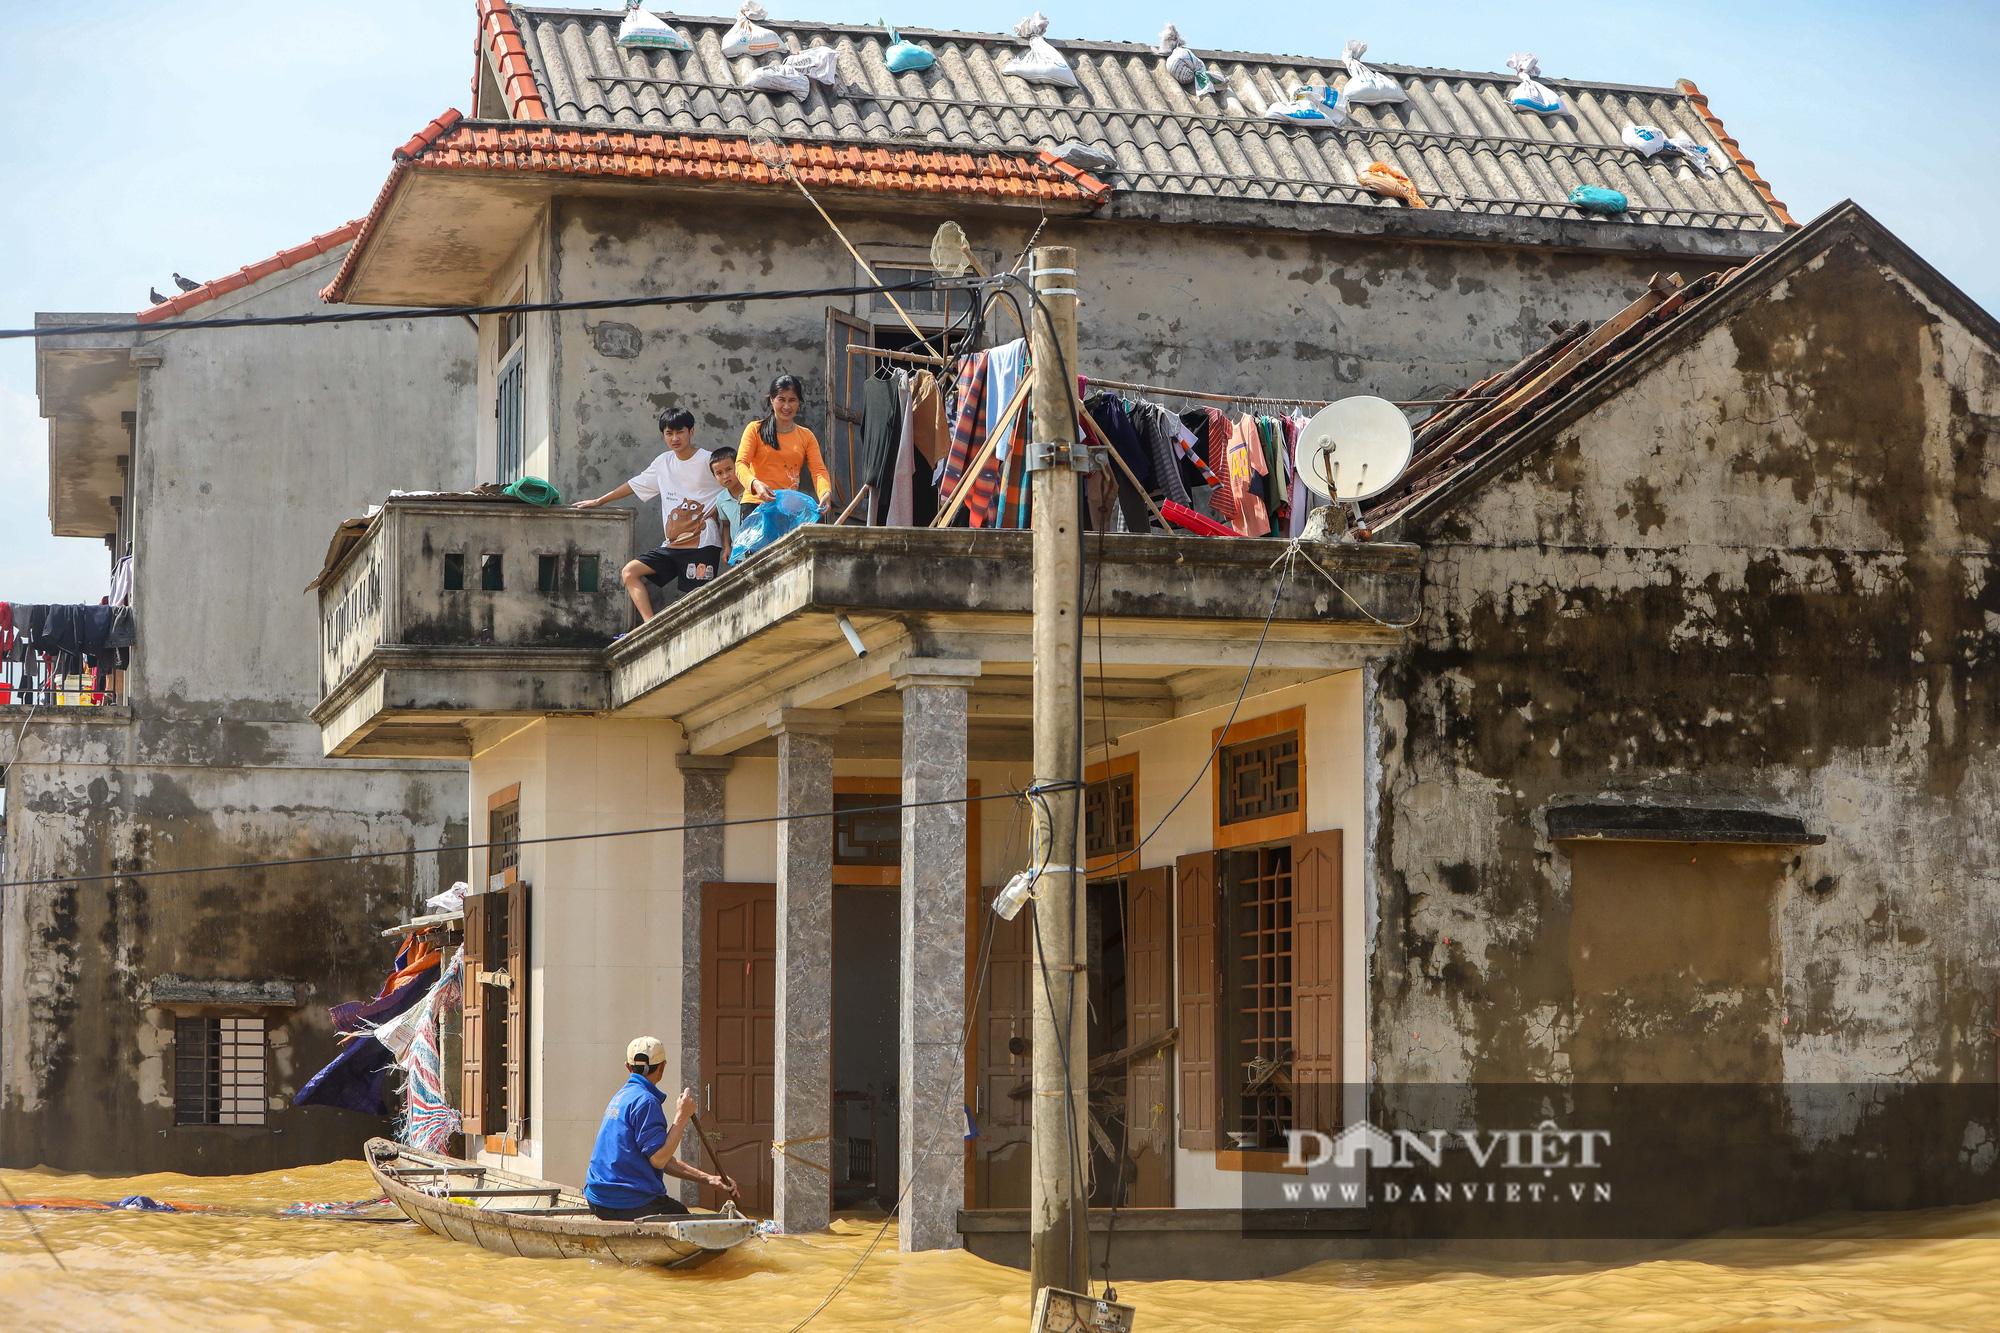 Nhà 30 người mắc kẹt trong lũ Quảng Bình vỡ òa khi có đoàn tiếp tế - Ảnh 3.